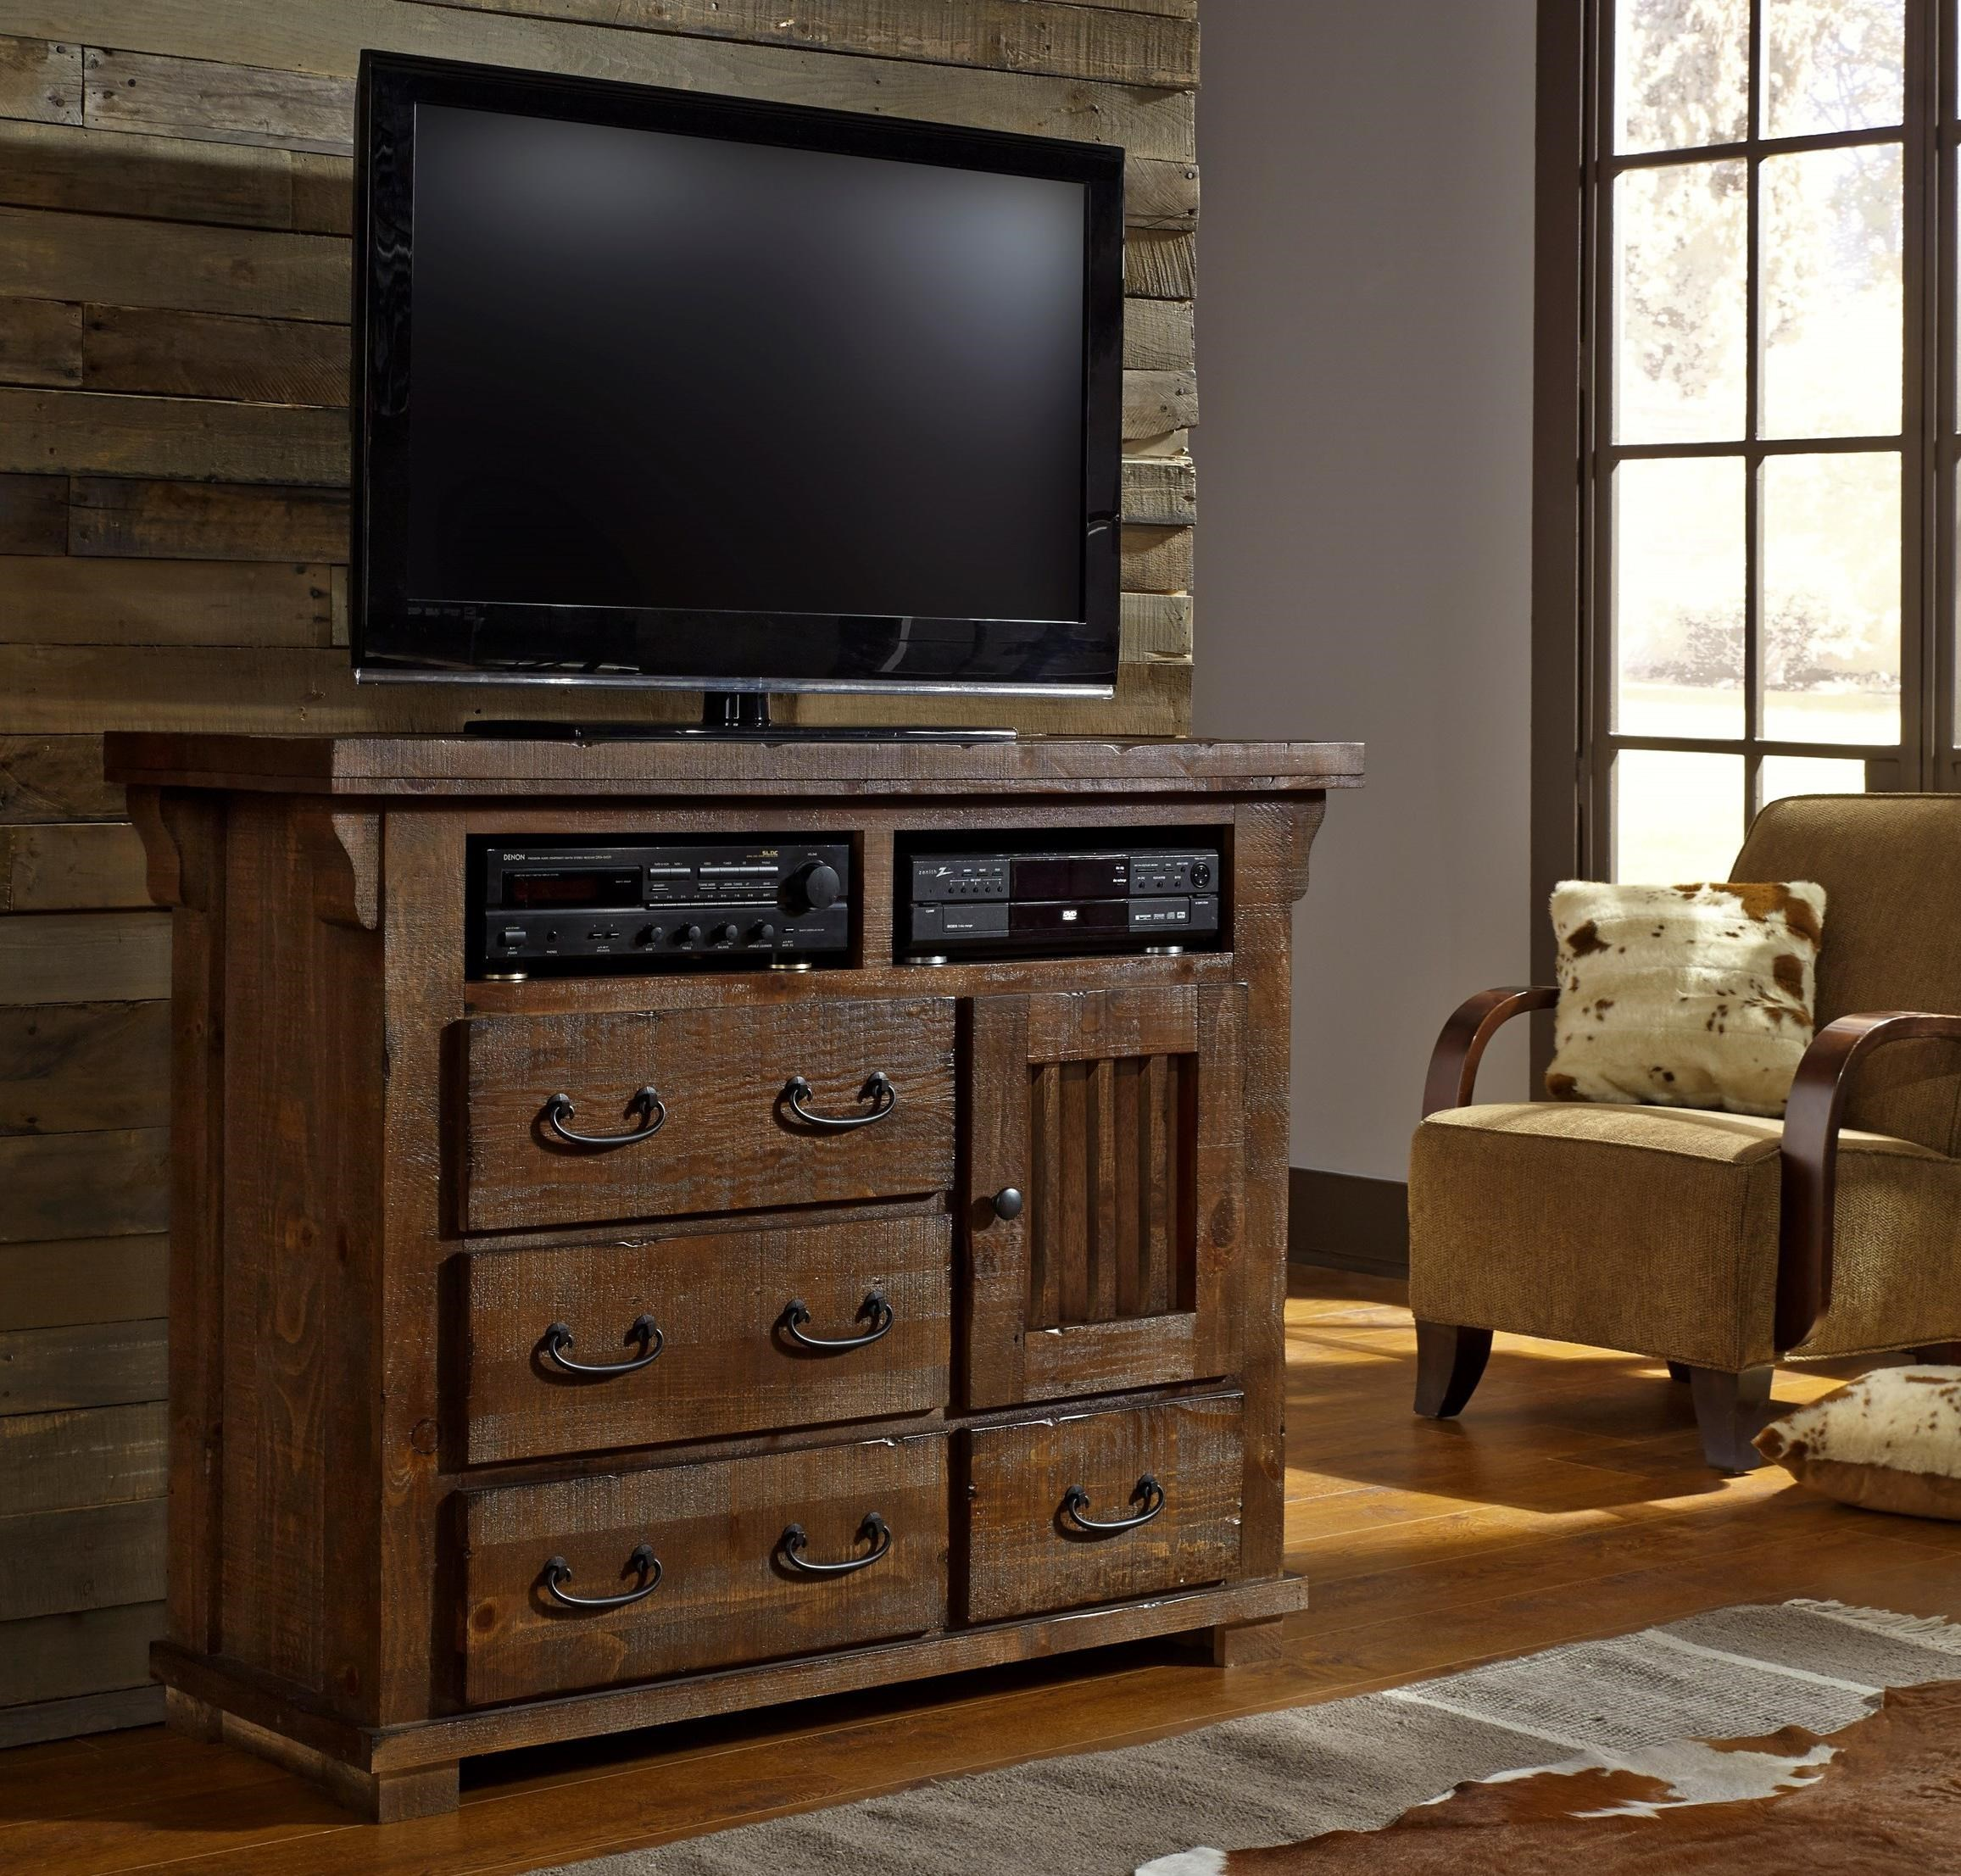 Progressive Furniture Forrester B631 46 Media Chest Hudson 39 S Furniture Media Chests